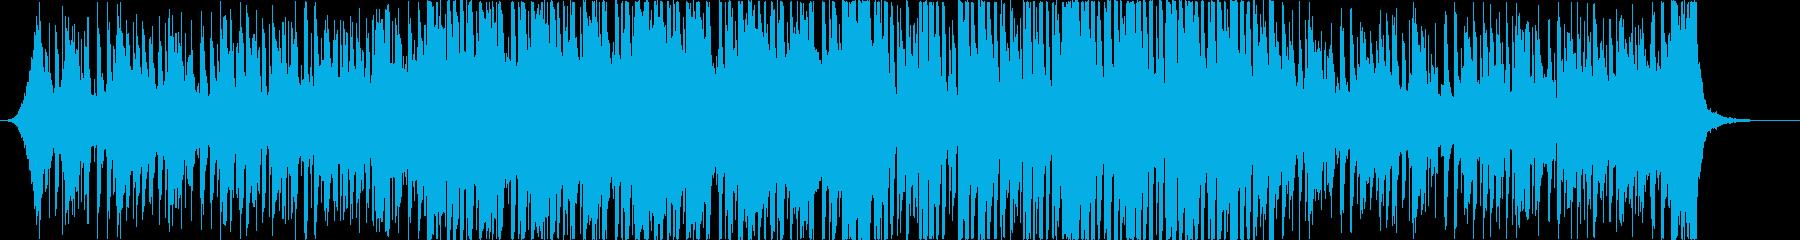 レトロでおしゃれな80'Sエレクトロbの再生済みの波形